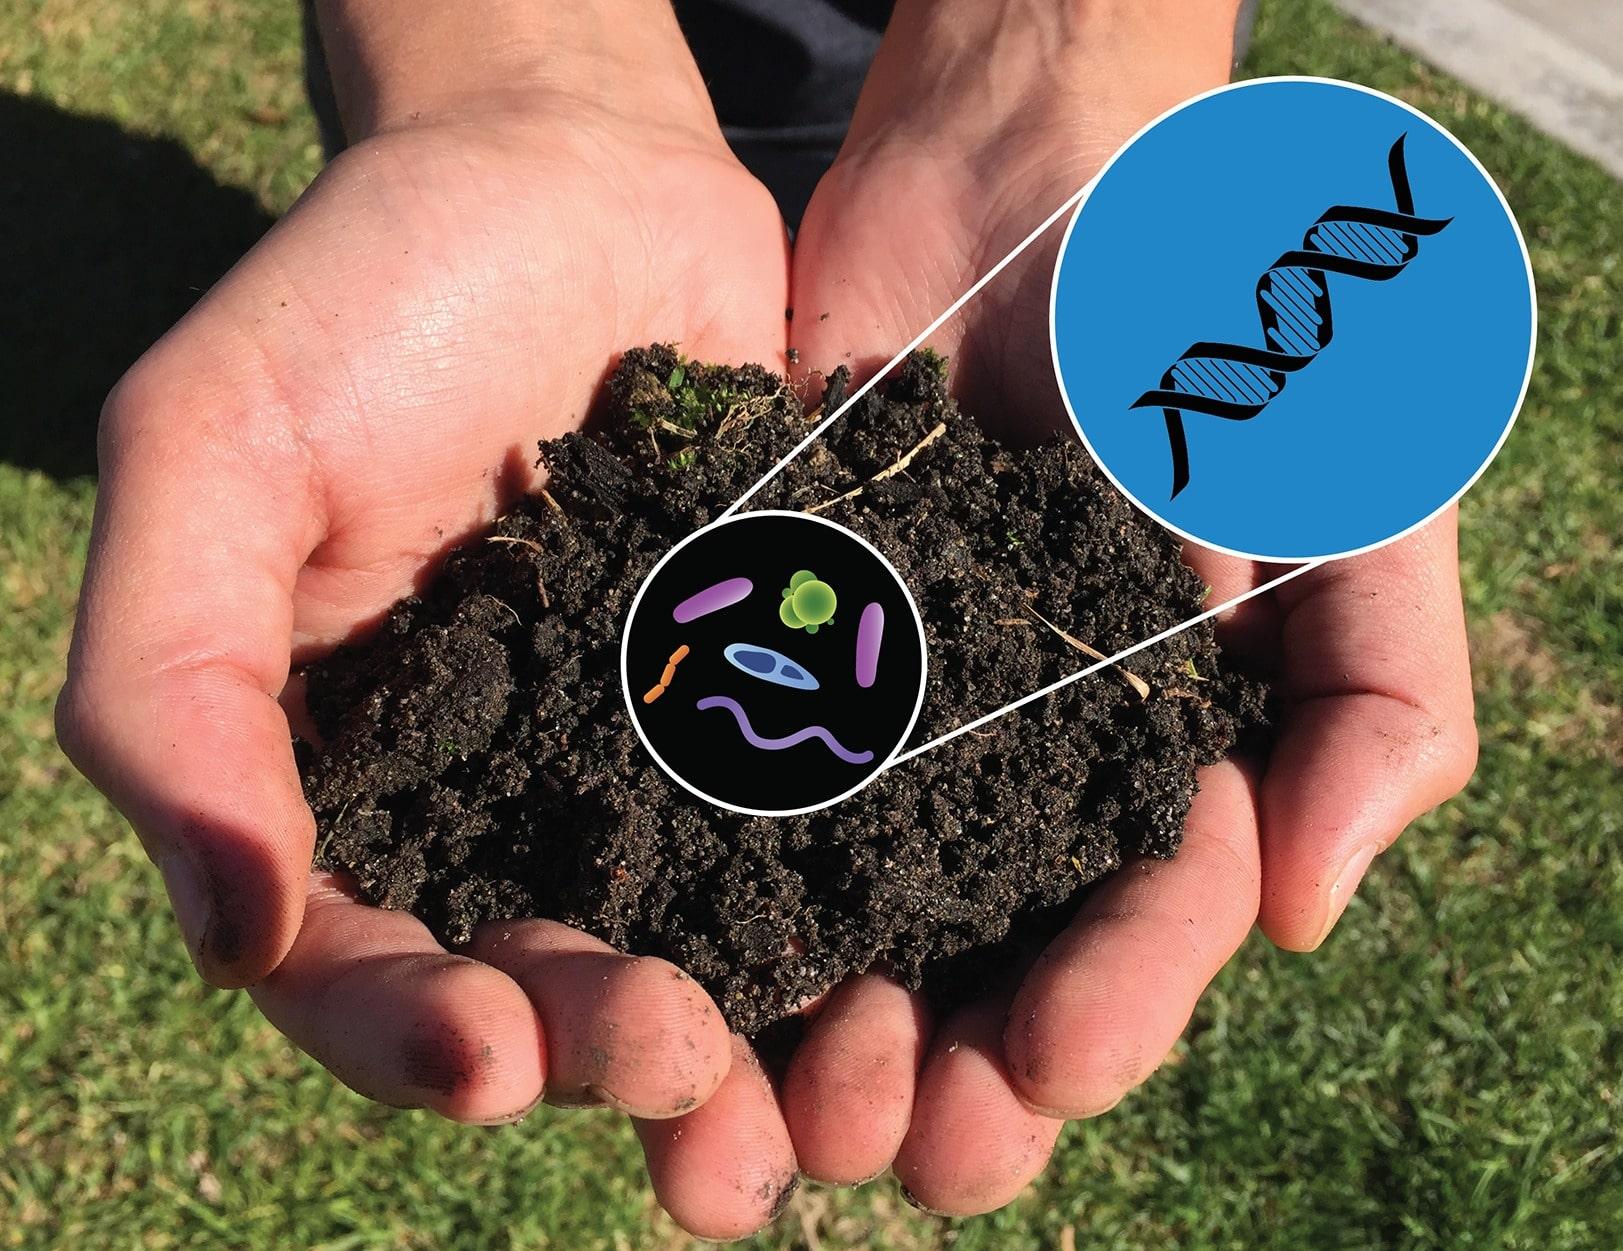 Temsili toprak bakterileri görseli